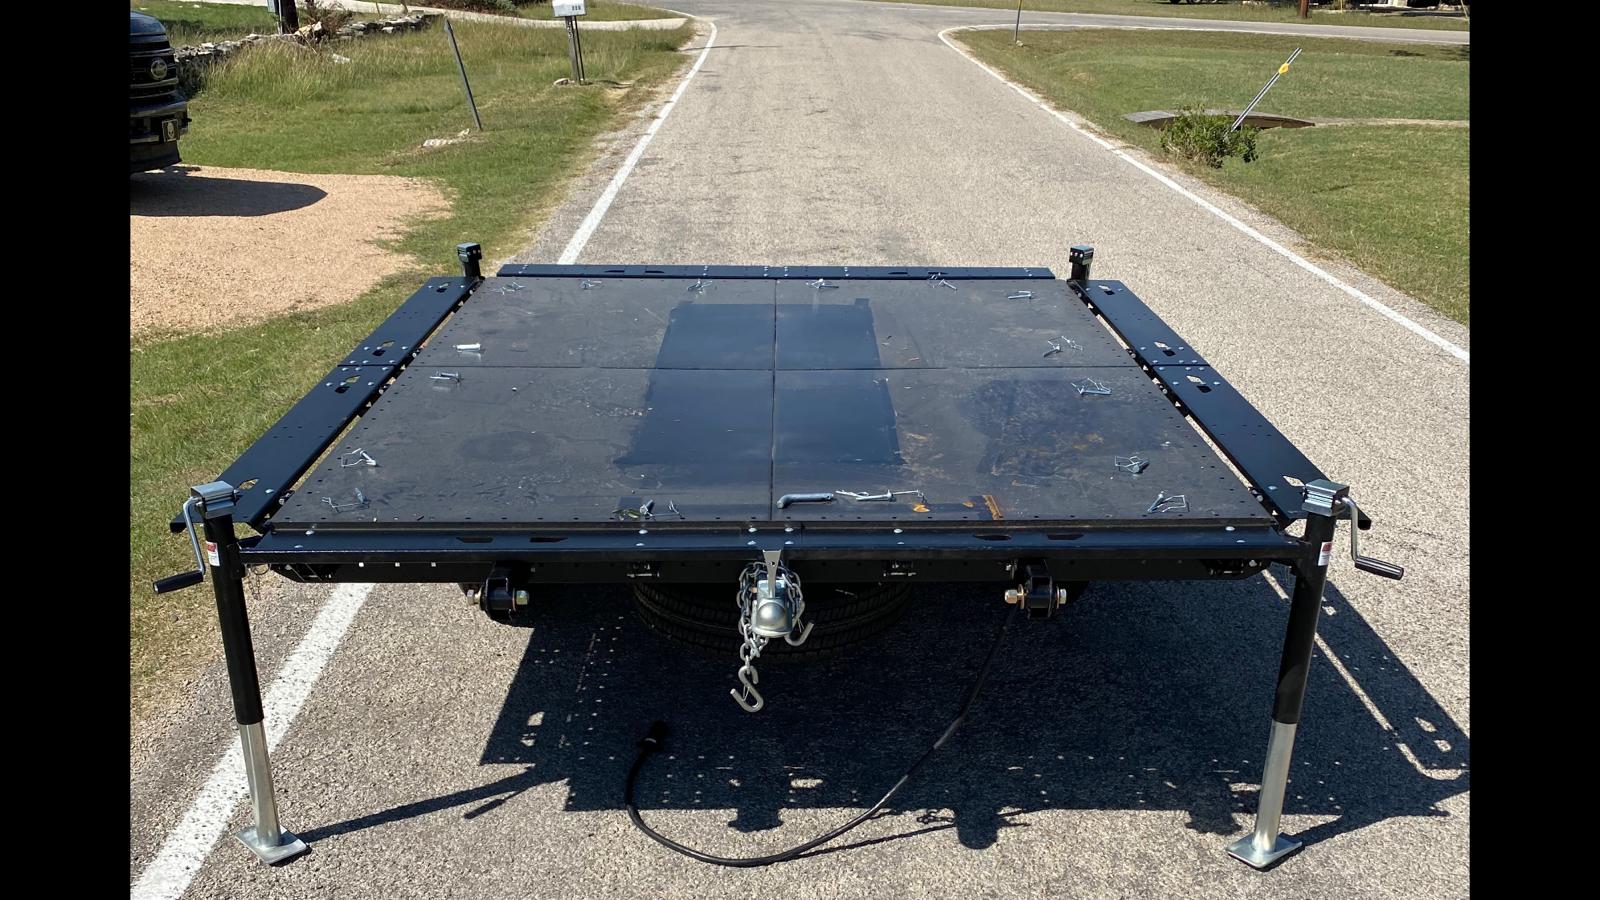 Consignment Unit - 2020 Freedom Hauler 8 ft